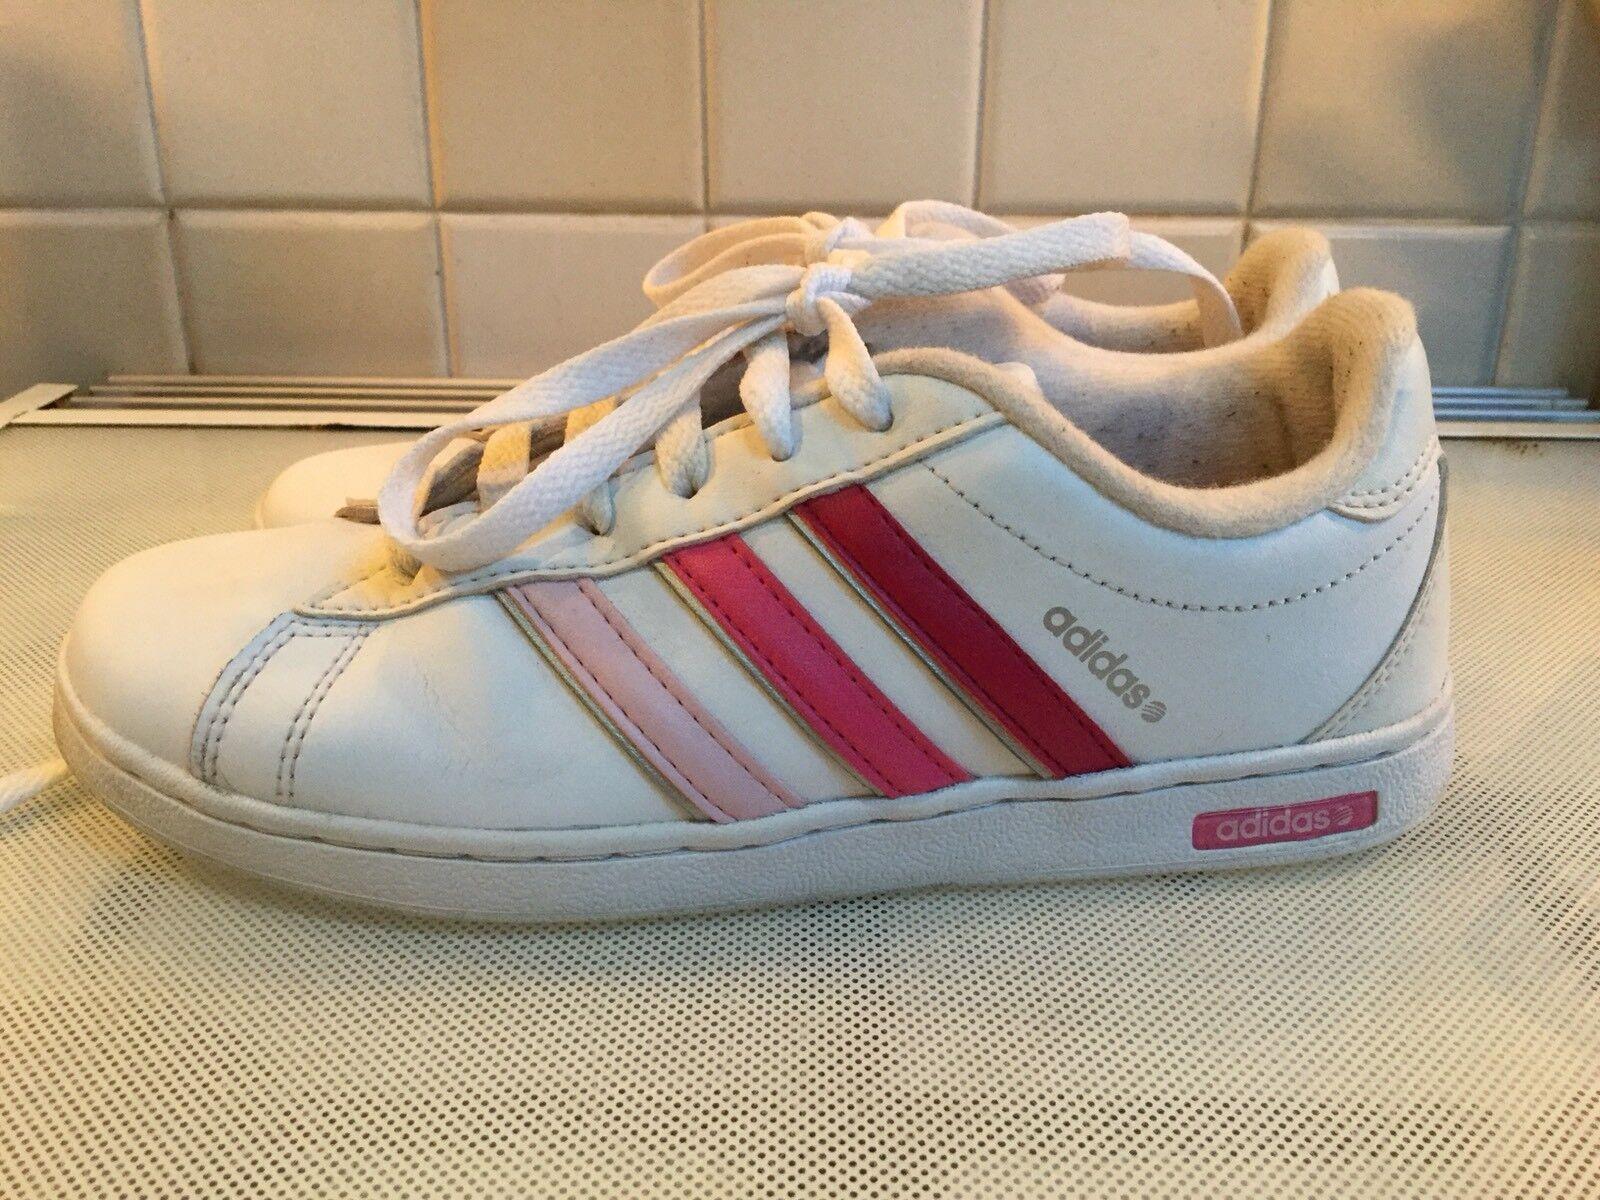 Adidas duo formatori bianco con strisce rosa. | Forte calore